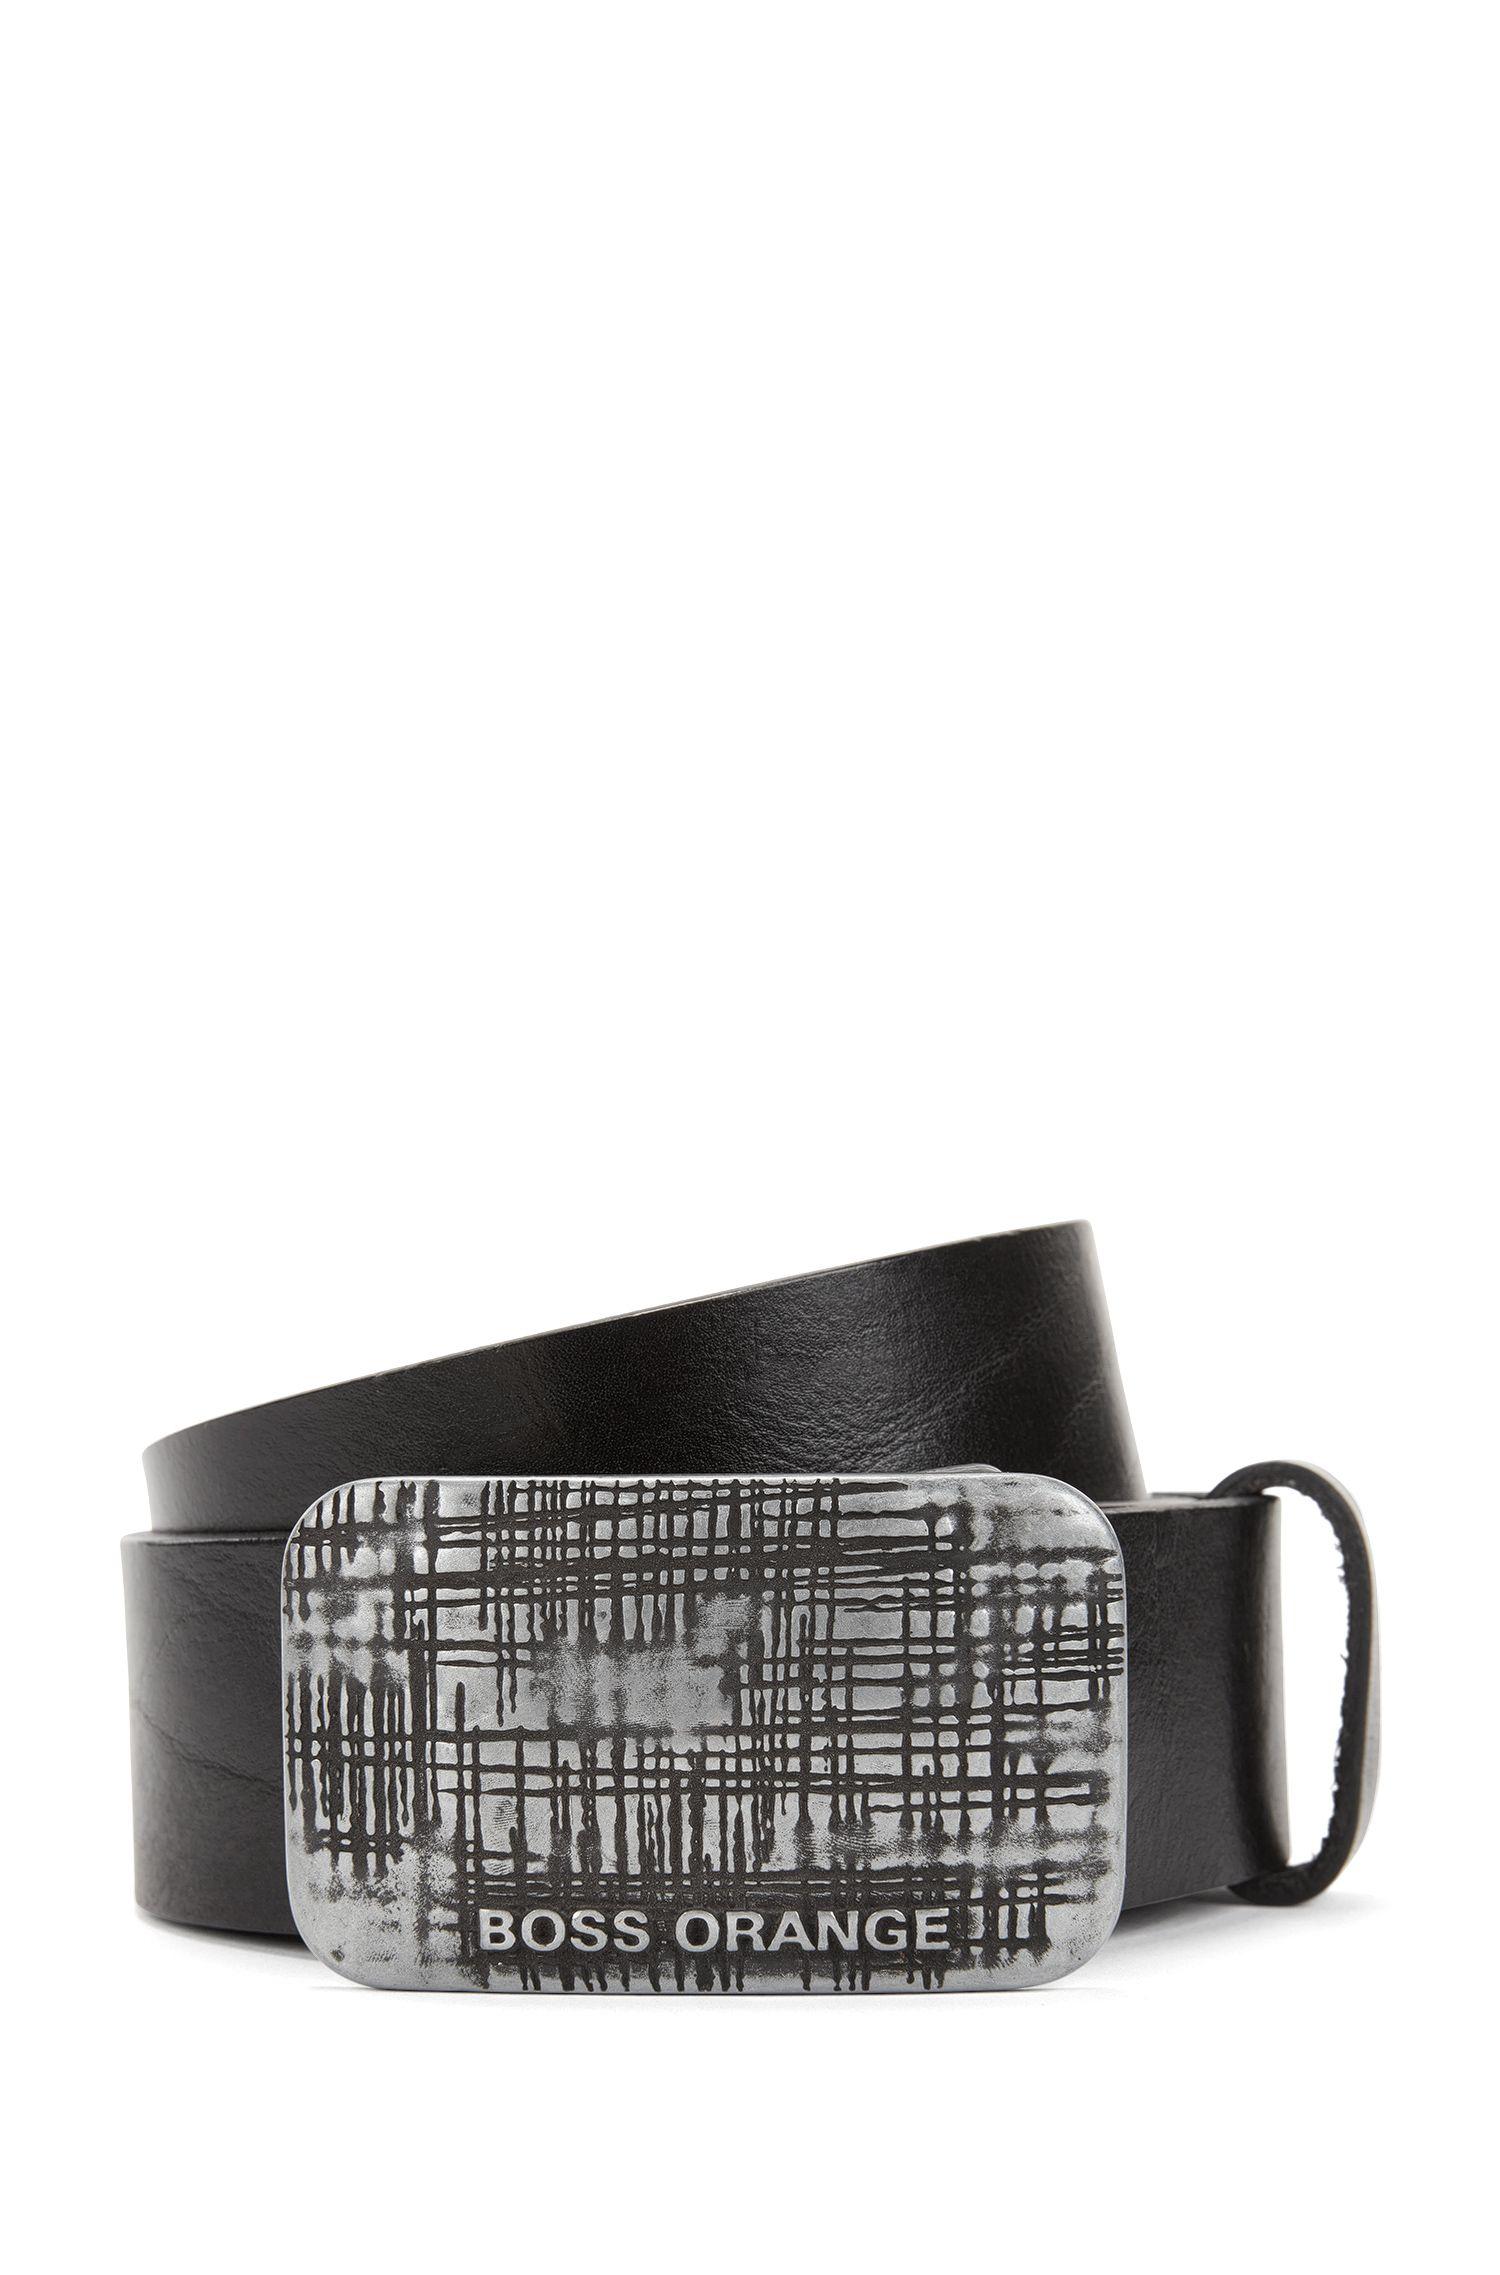 Cinturón de piel exclusiva con hebilla con placa